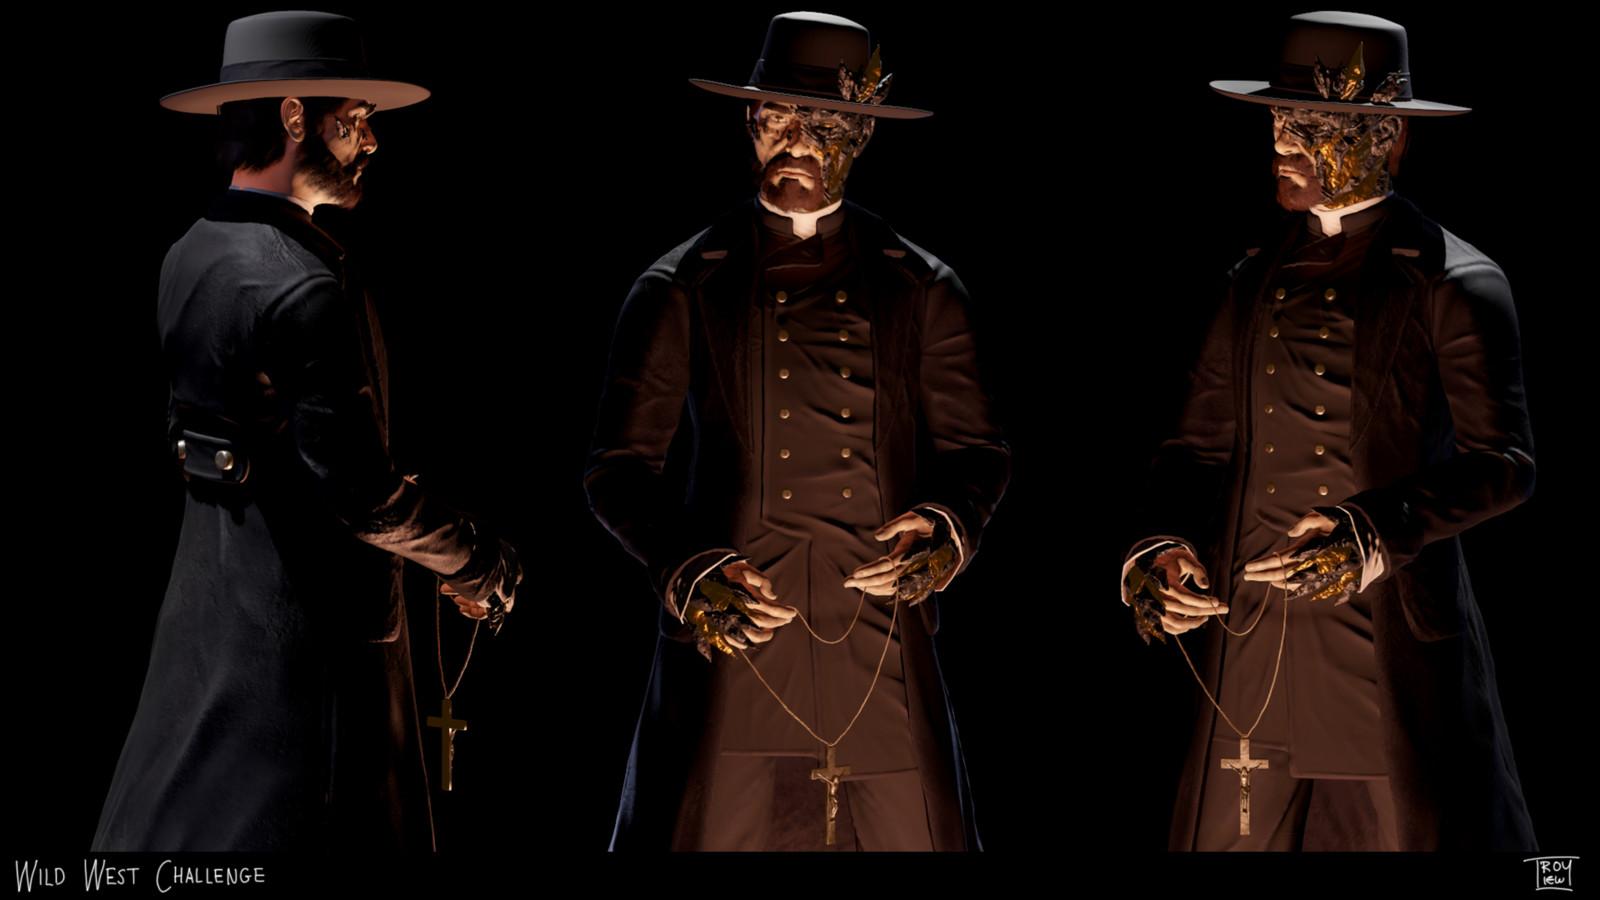 The Priest - Wild West Challenge